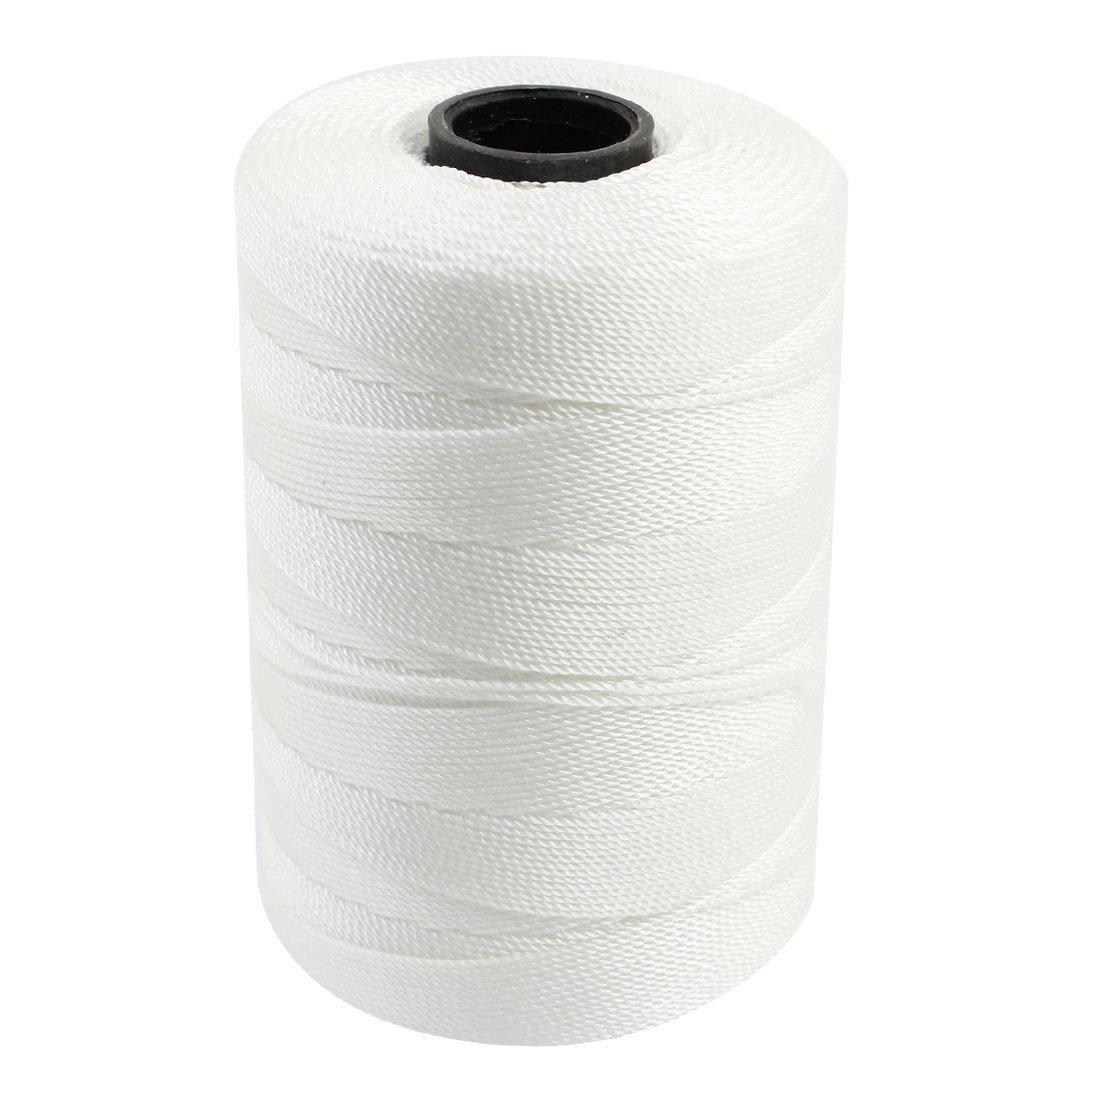 Corde ficelle paracorde en nylon tress/é blanc/-/Longueur de 5/m